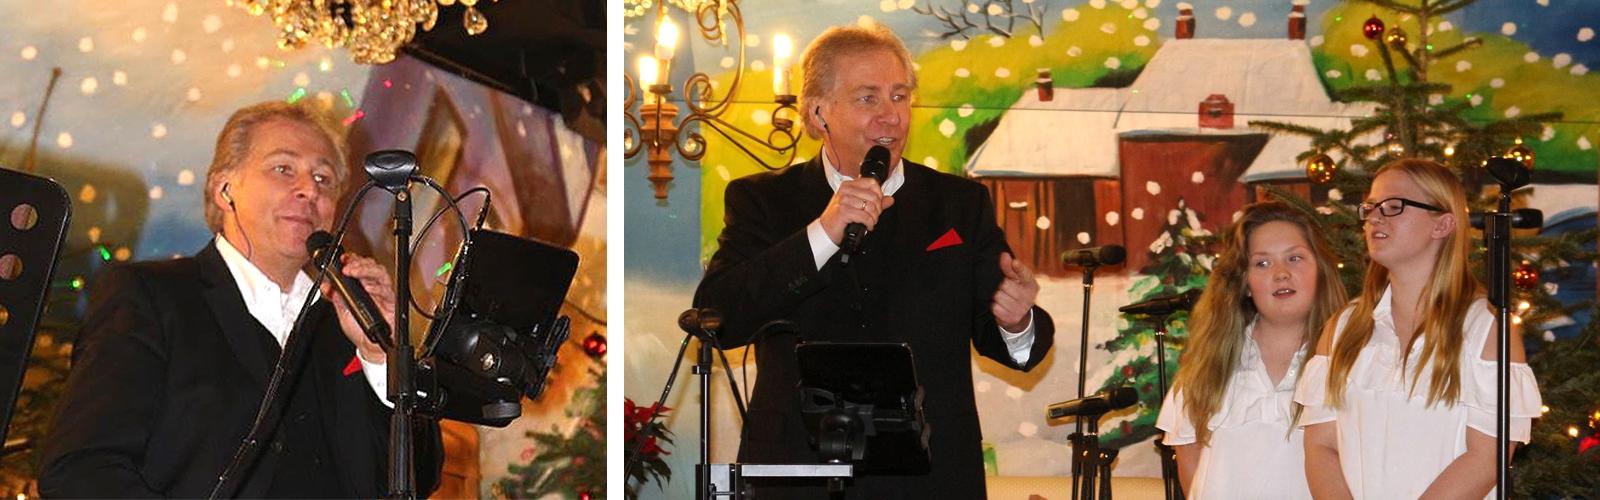 Sampler Weihnacht Forsthaus Peter Roland 1600 500